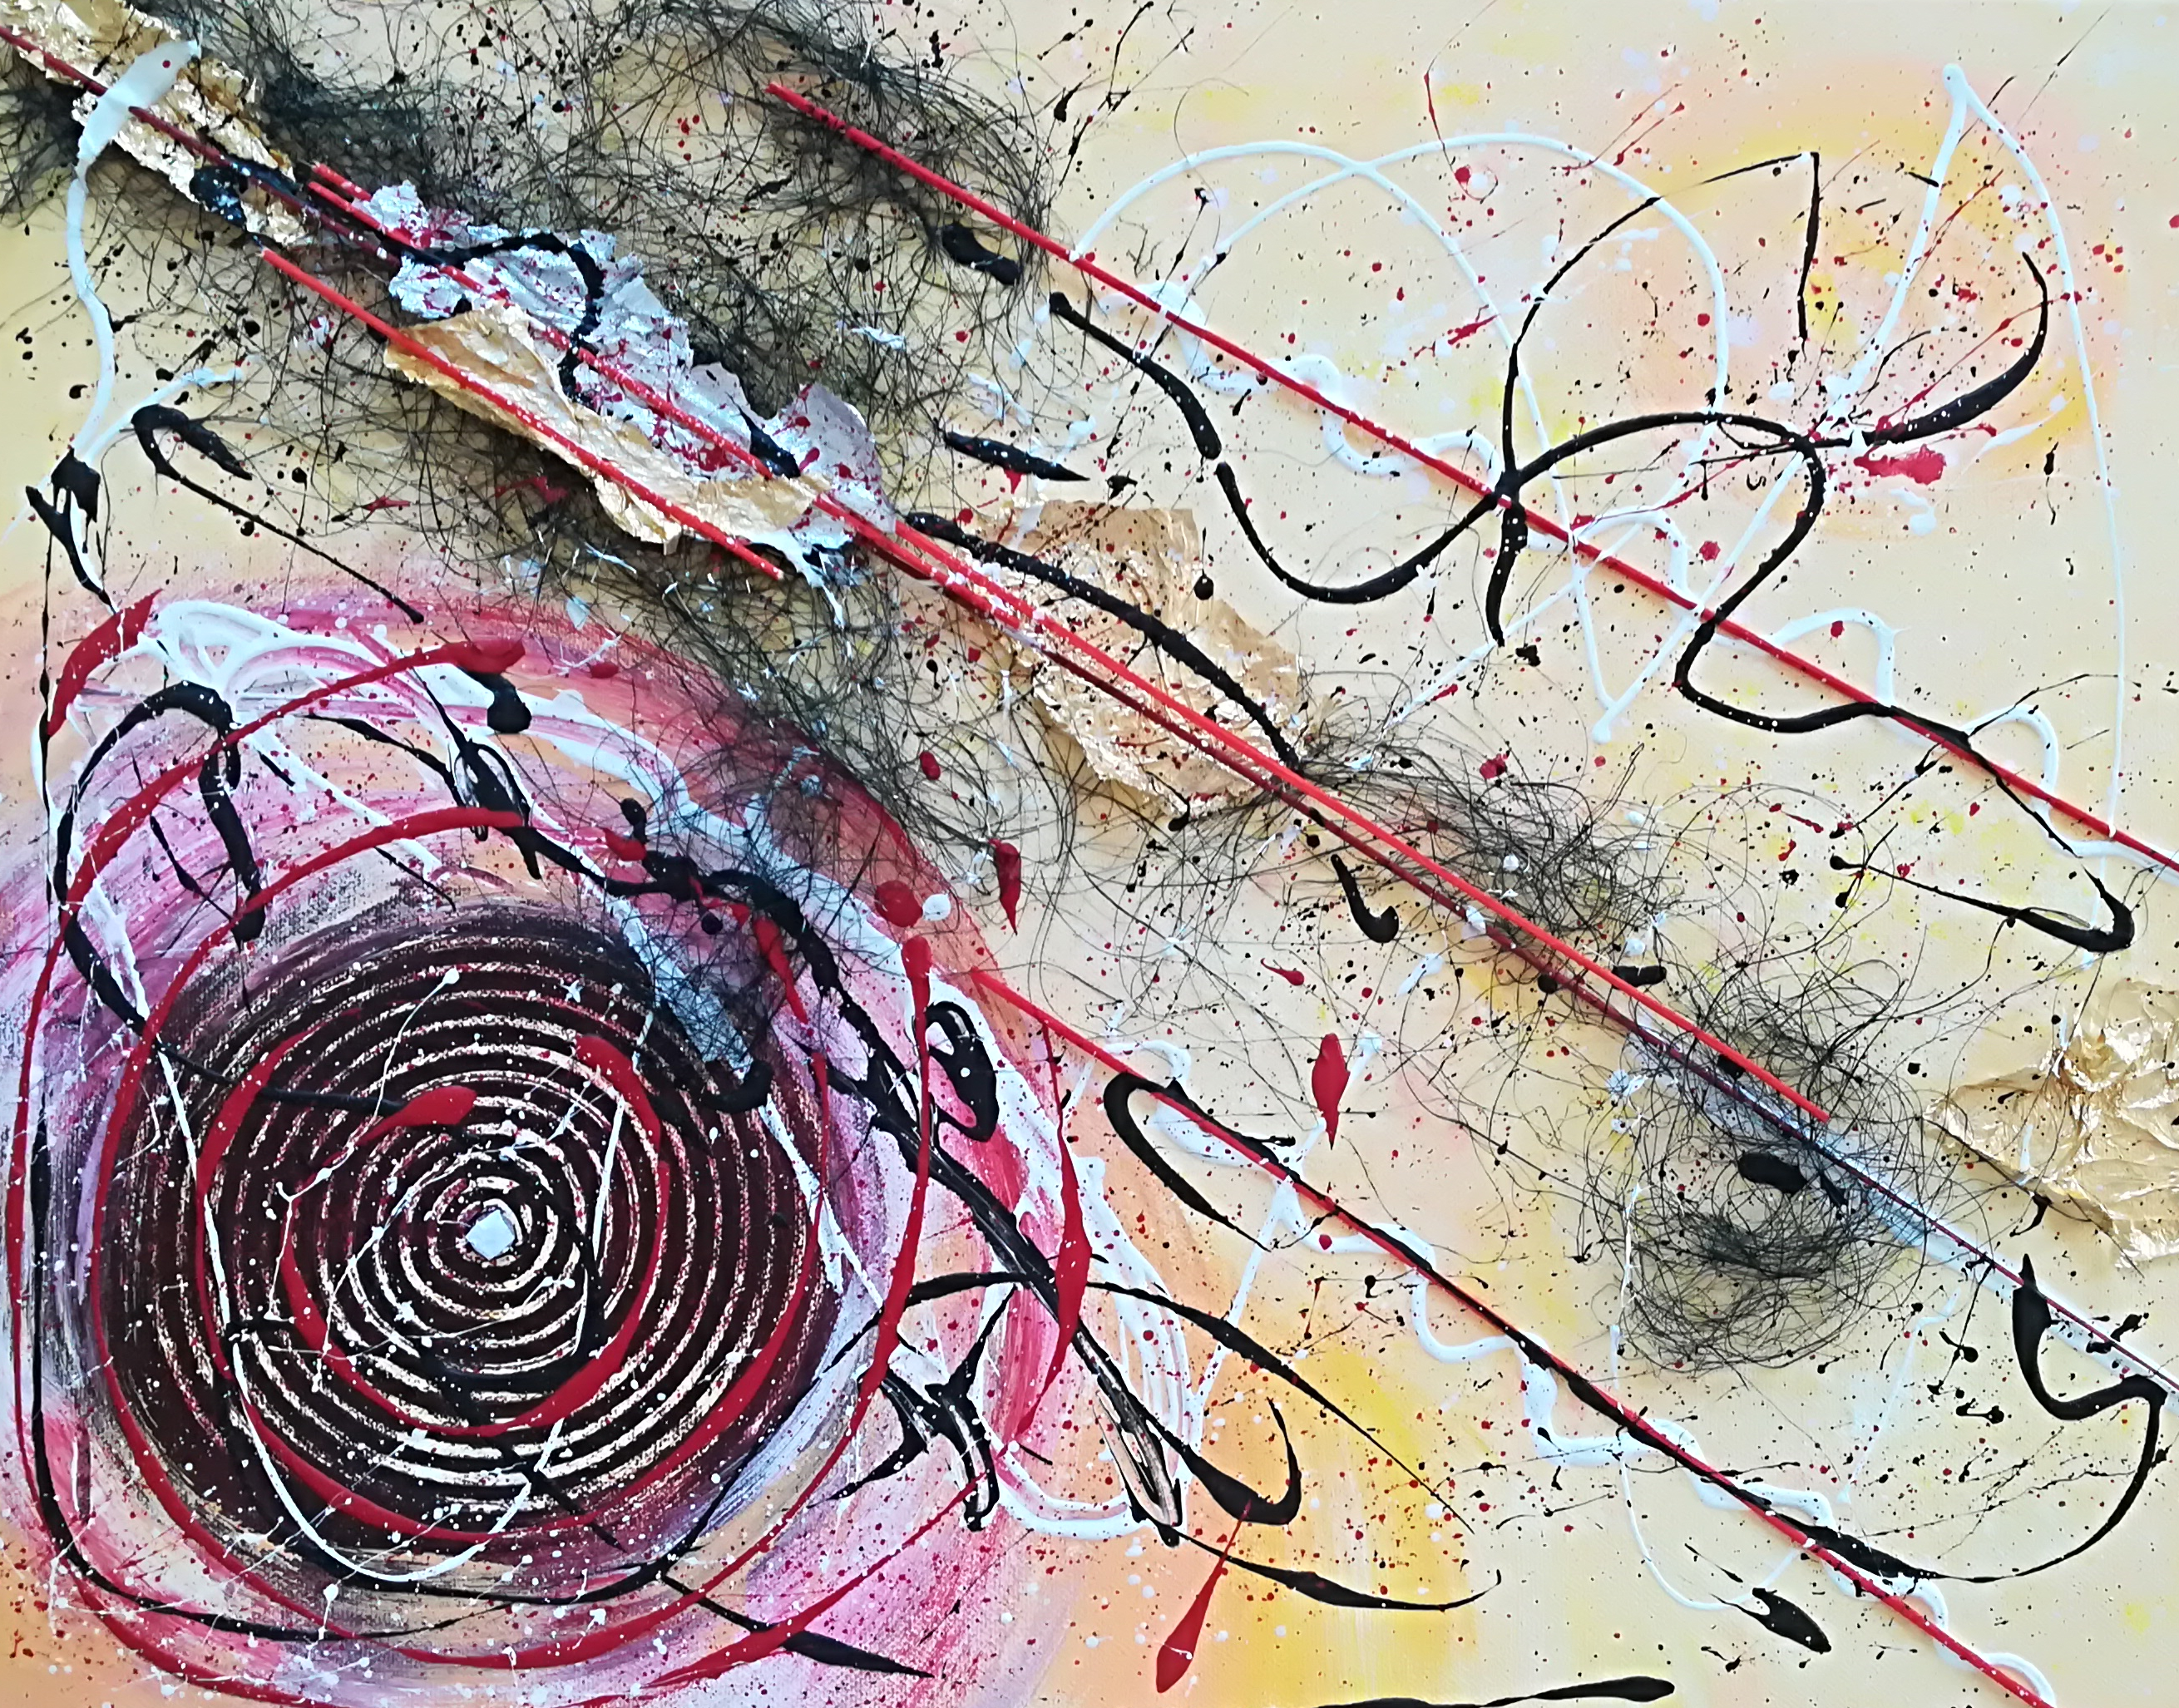 Abstract Leben mit Engelshaar, Steine und Blattgold 50 cm x 40 cm  Preis 50 Euro